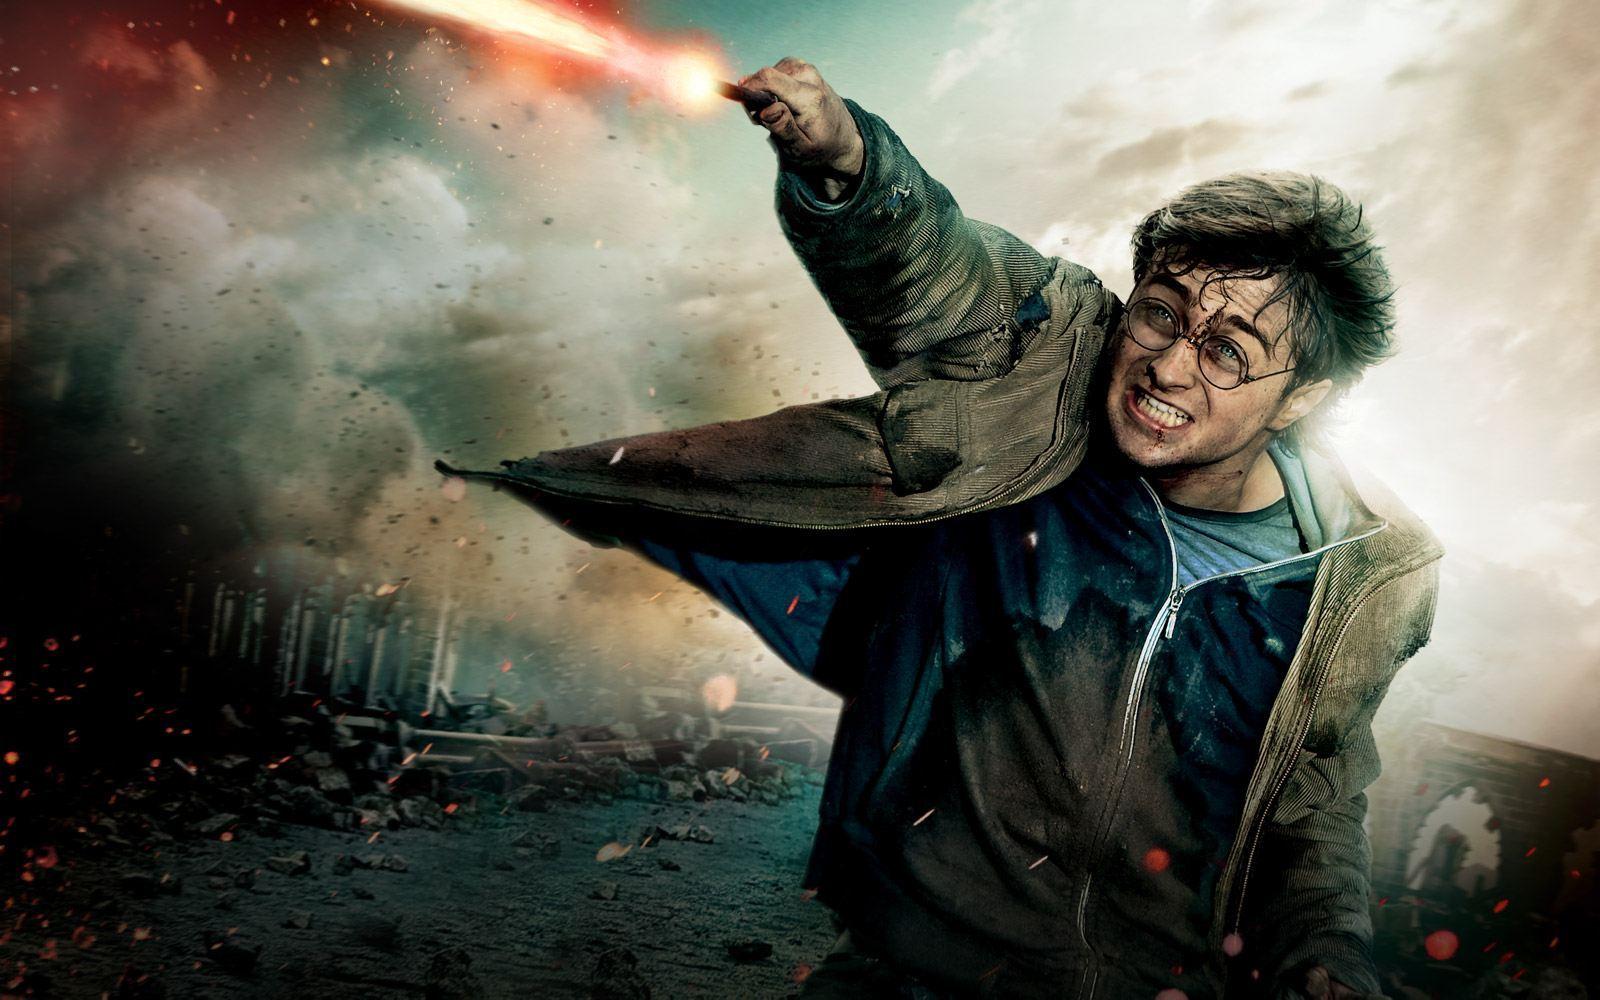 промо-слайды Гарри Поттер и Дары Смерти: Часть вторая Дэниэл Рэдклифф,